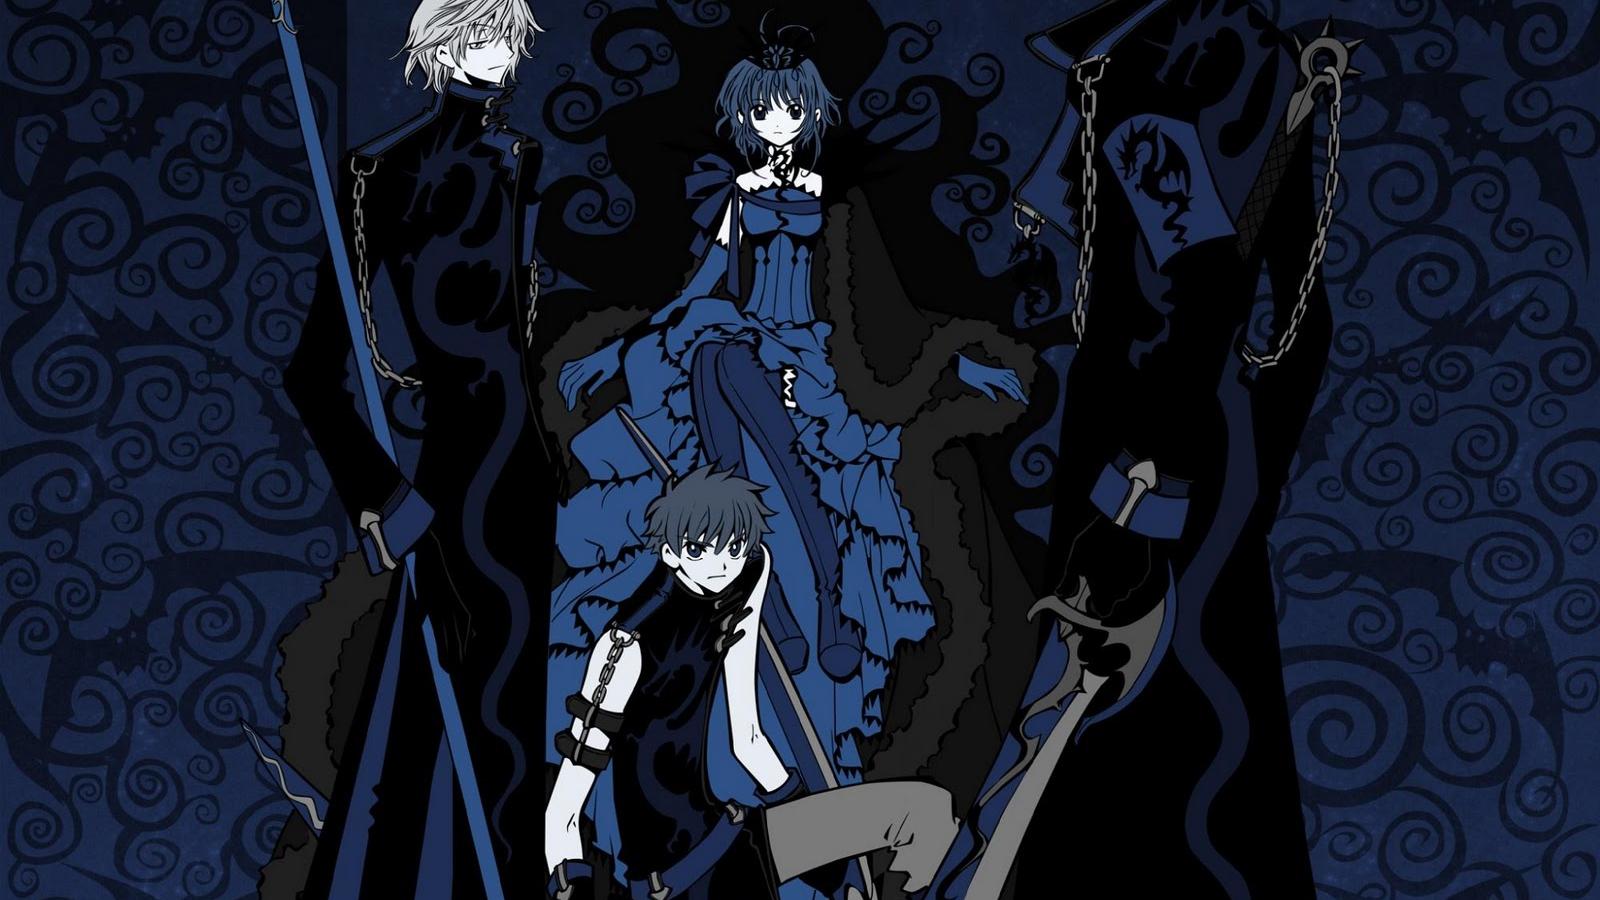 Free Download Kane Blog Picz Anime Wallpaper Reddit